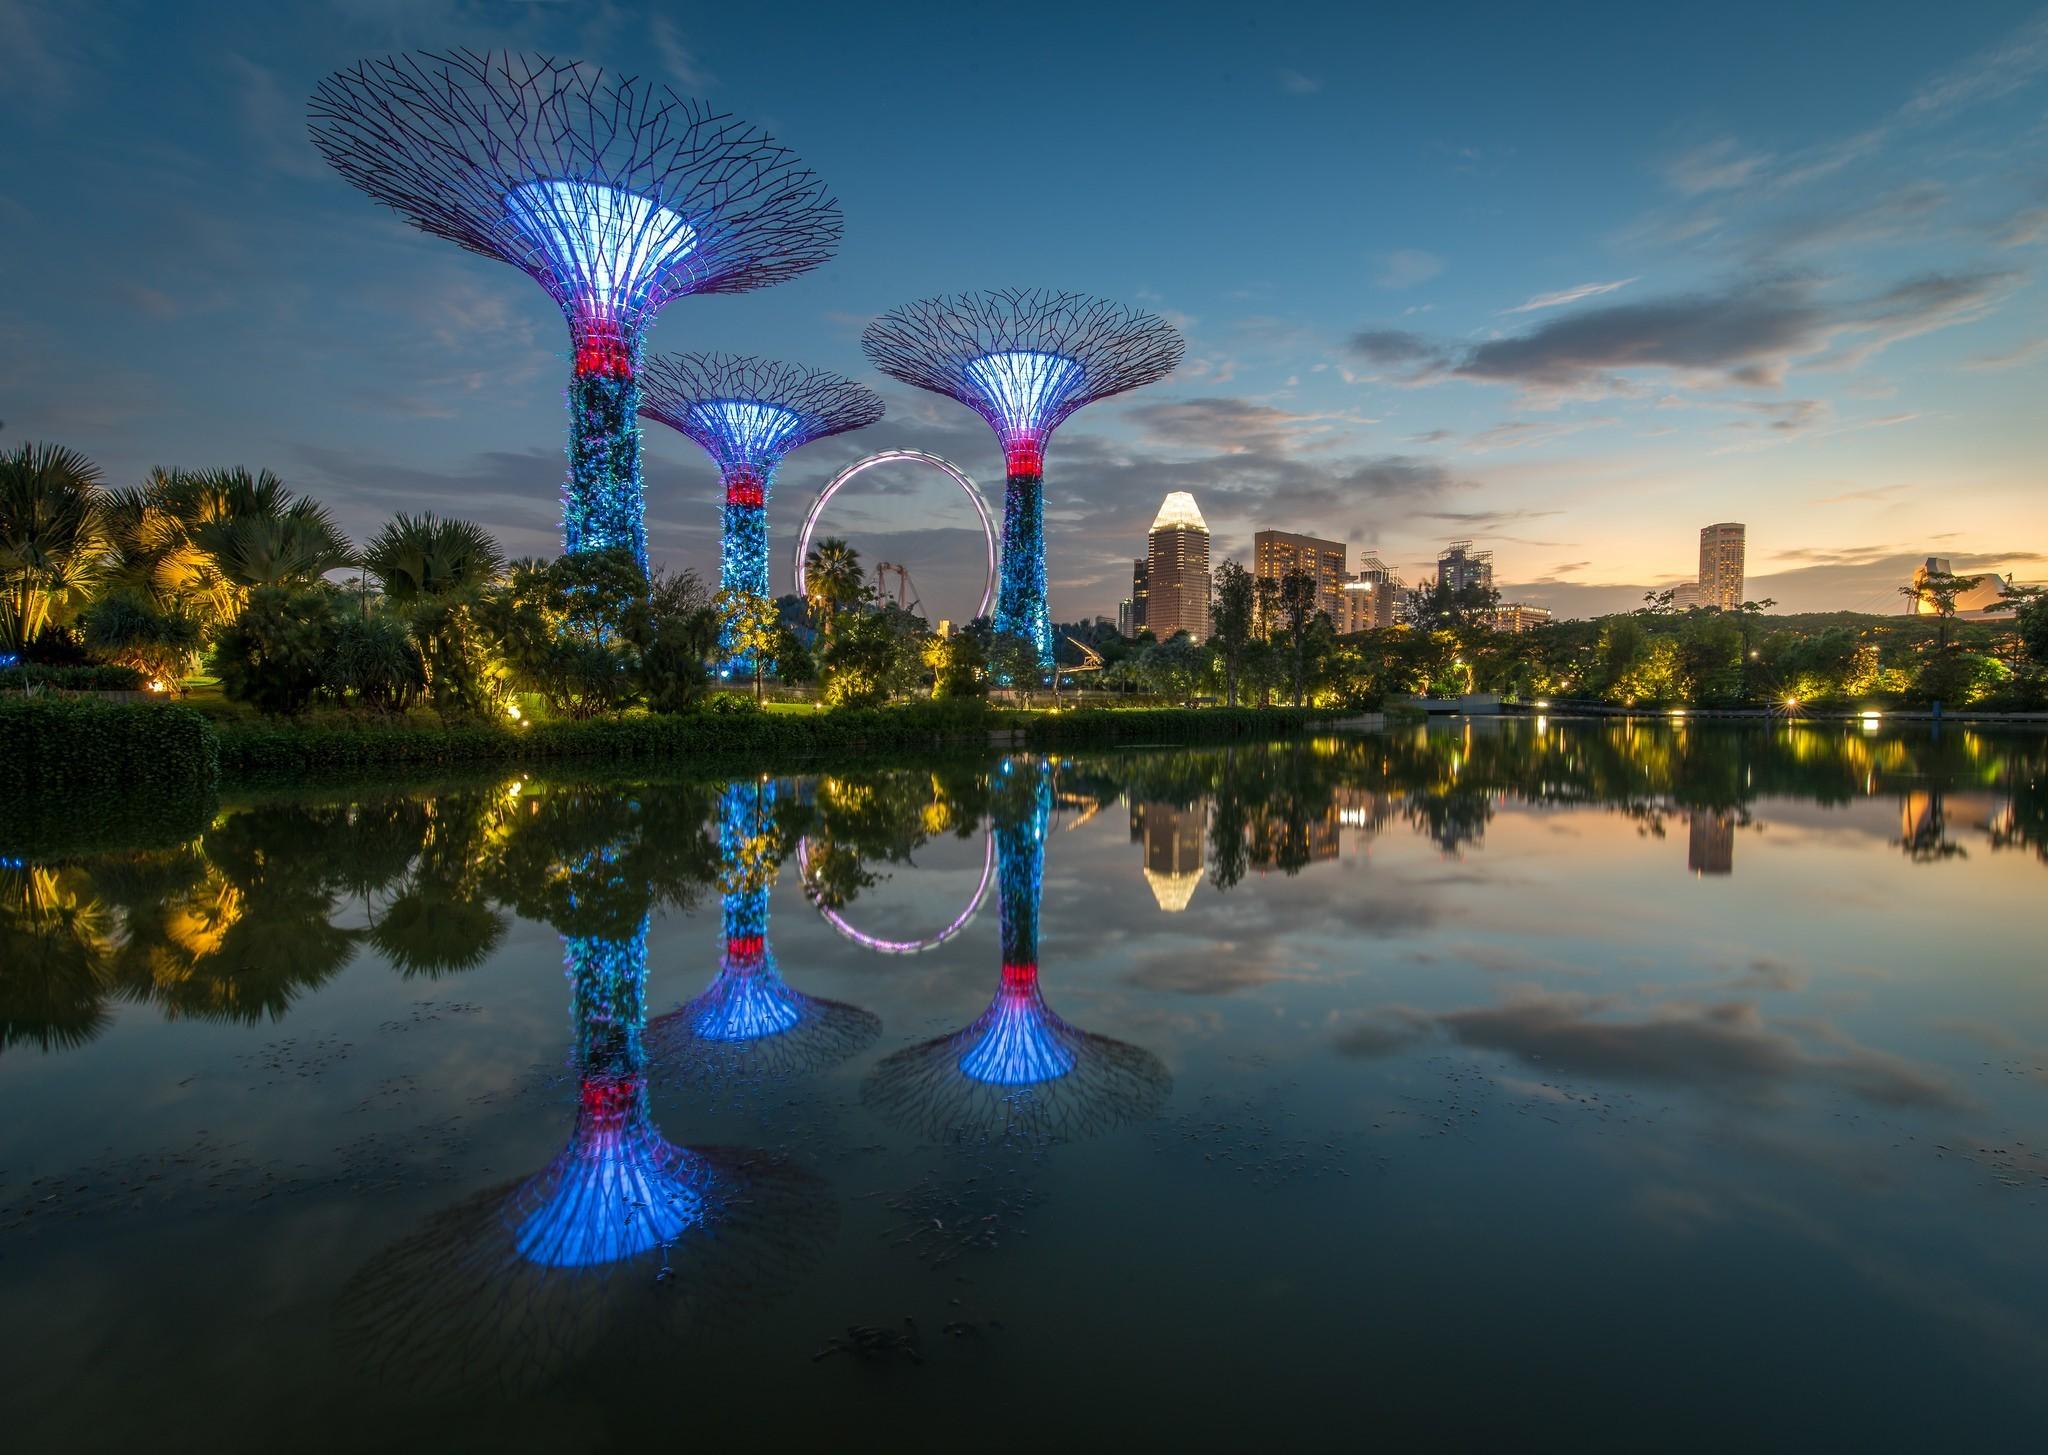 Wallpaper Trees Landscape Lights City Night